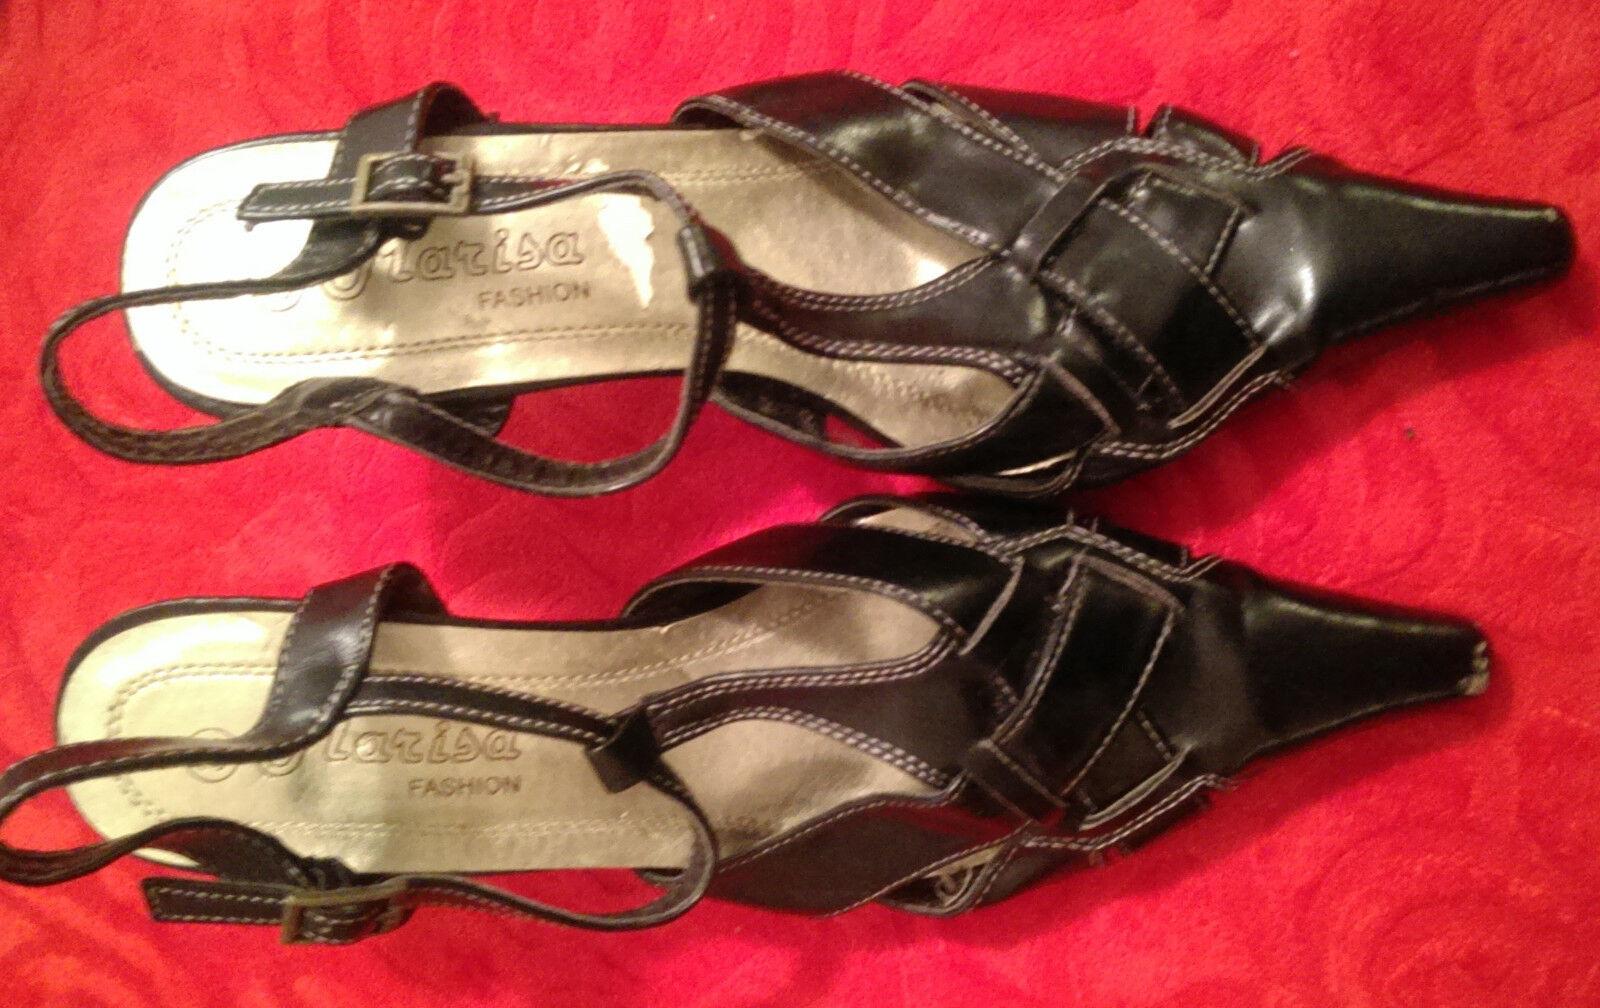 Moda jest prosta i niedroga Marisa fashion, High Heels Pumps, schwarz, Gr 38, nur 1 x getragen